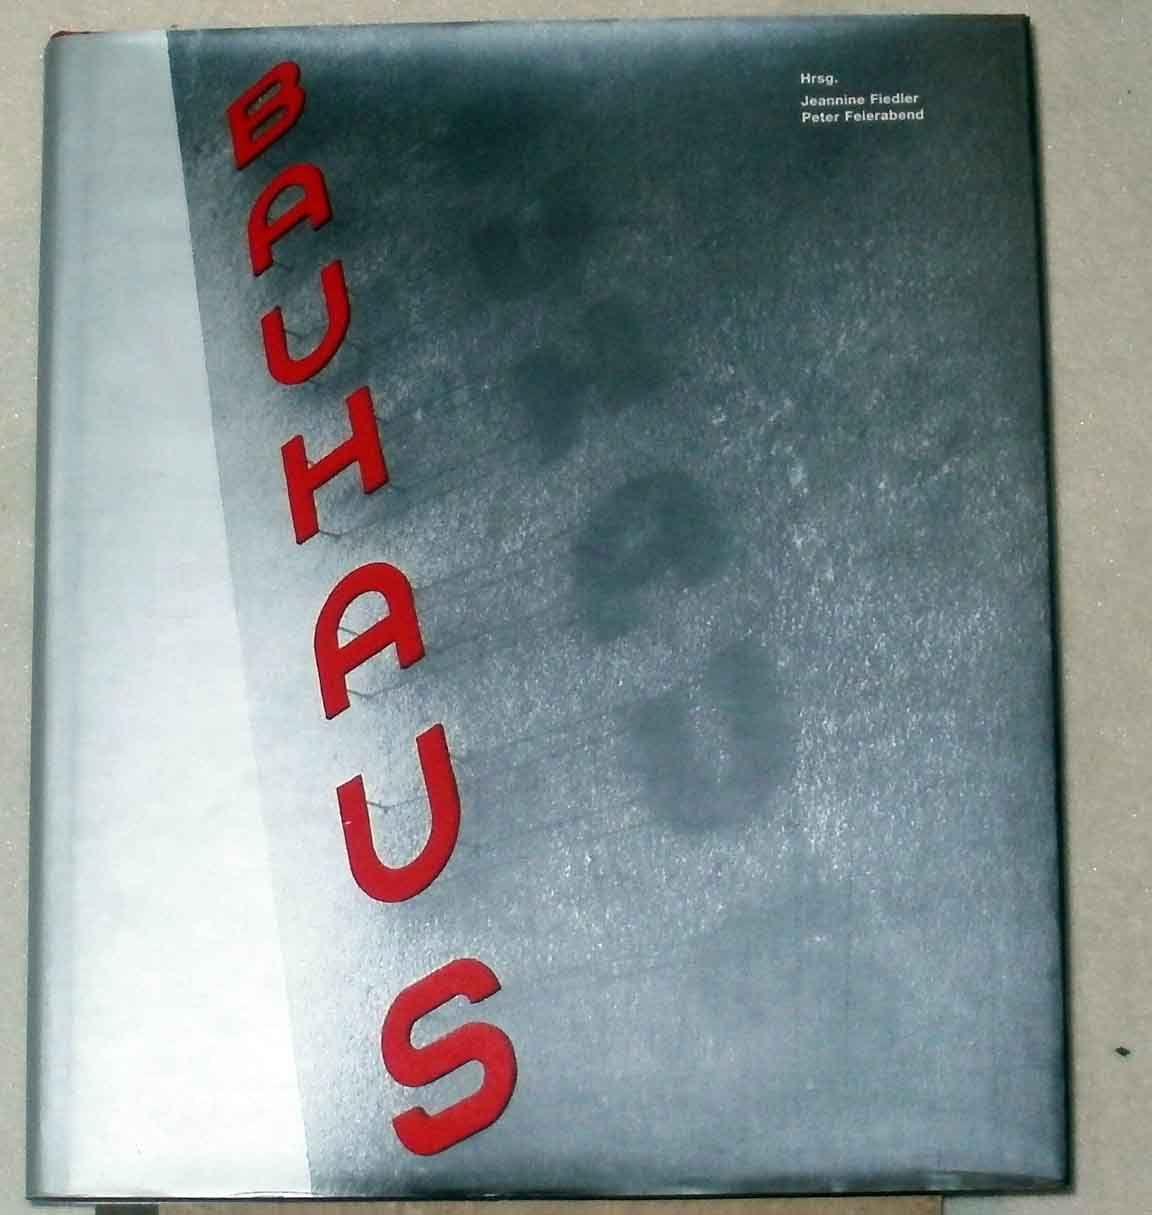 Bauhaus. hrsg. von Jeannine Fiedler  Peter Feierabend. Mit Beitr. von Ute Ackermann ... - Fiedler, Jeannine (Herausgeber) und Ute (Mitwirkender) Ackermann